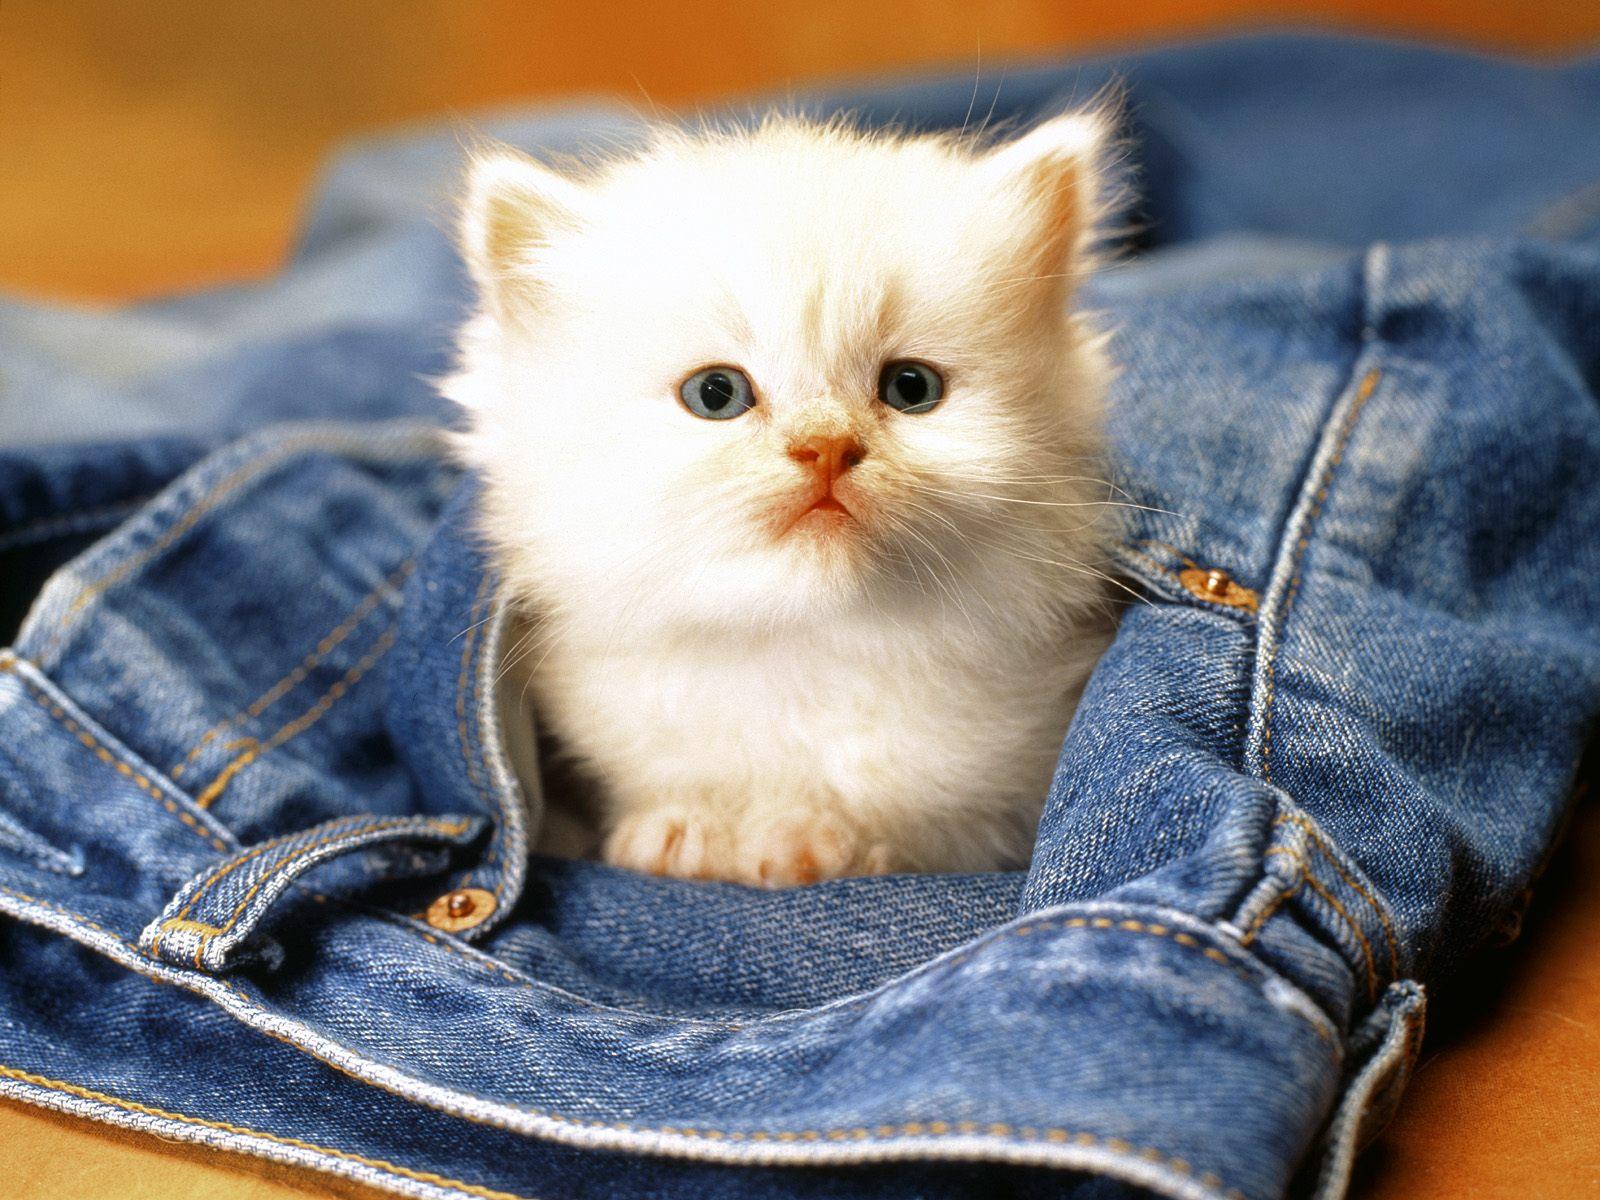 http://4.bp.blogspot.com/-p1ZDFbjzIWw/UFGkZq6ugeI/AAAAAAAAAIA/lUumAyw26PI/s1600/pisica-mica-si-scumpa-cats-wallpapers-poze-pisici-pisicute.jpg